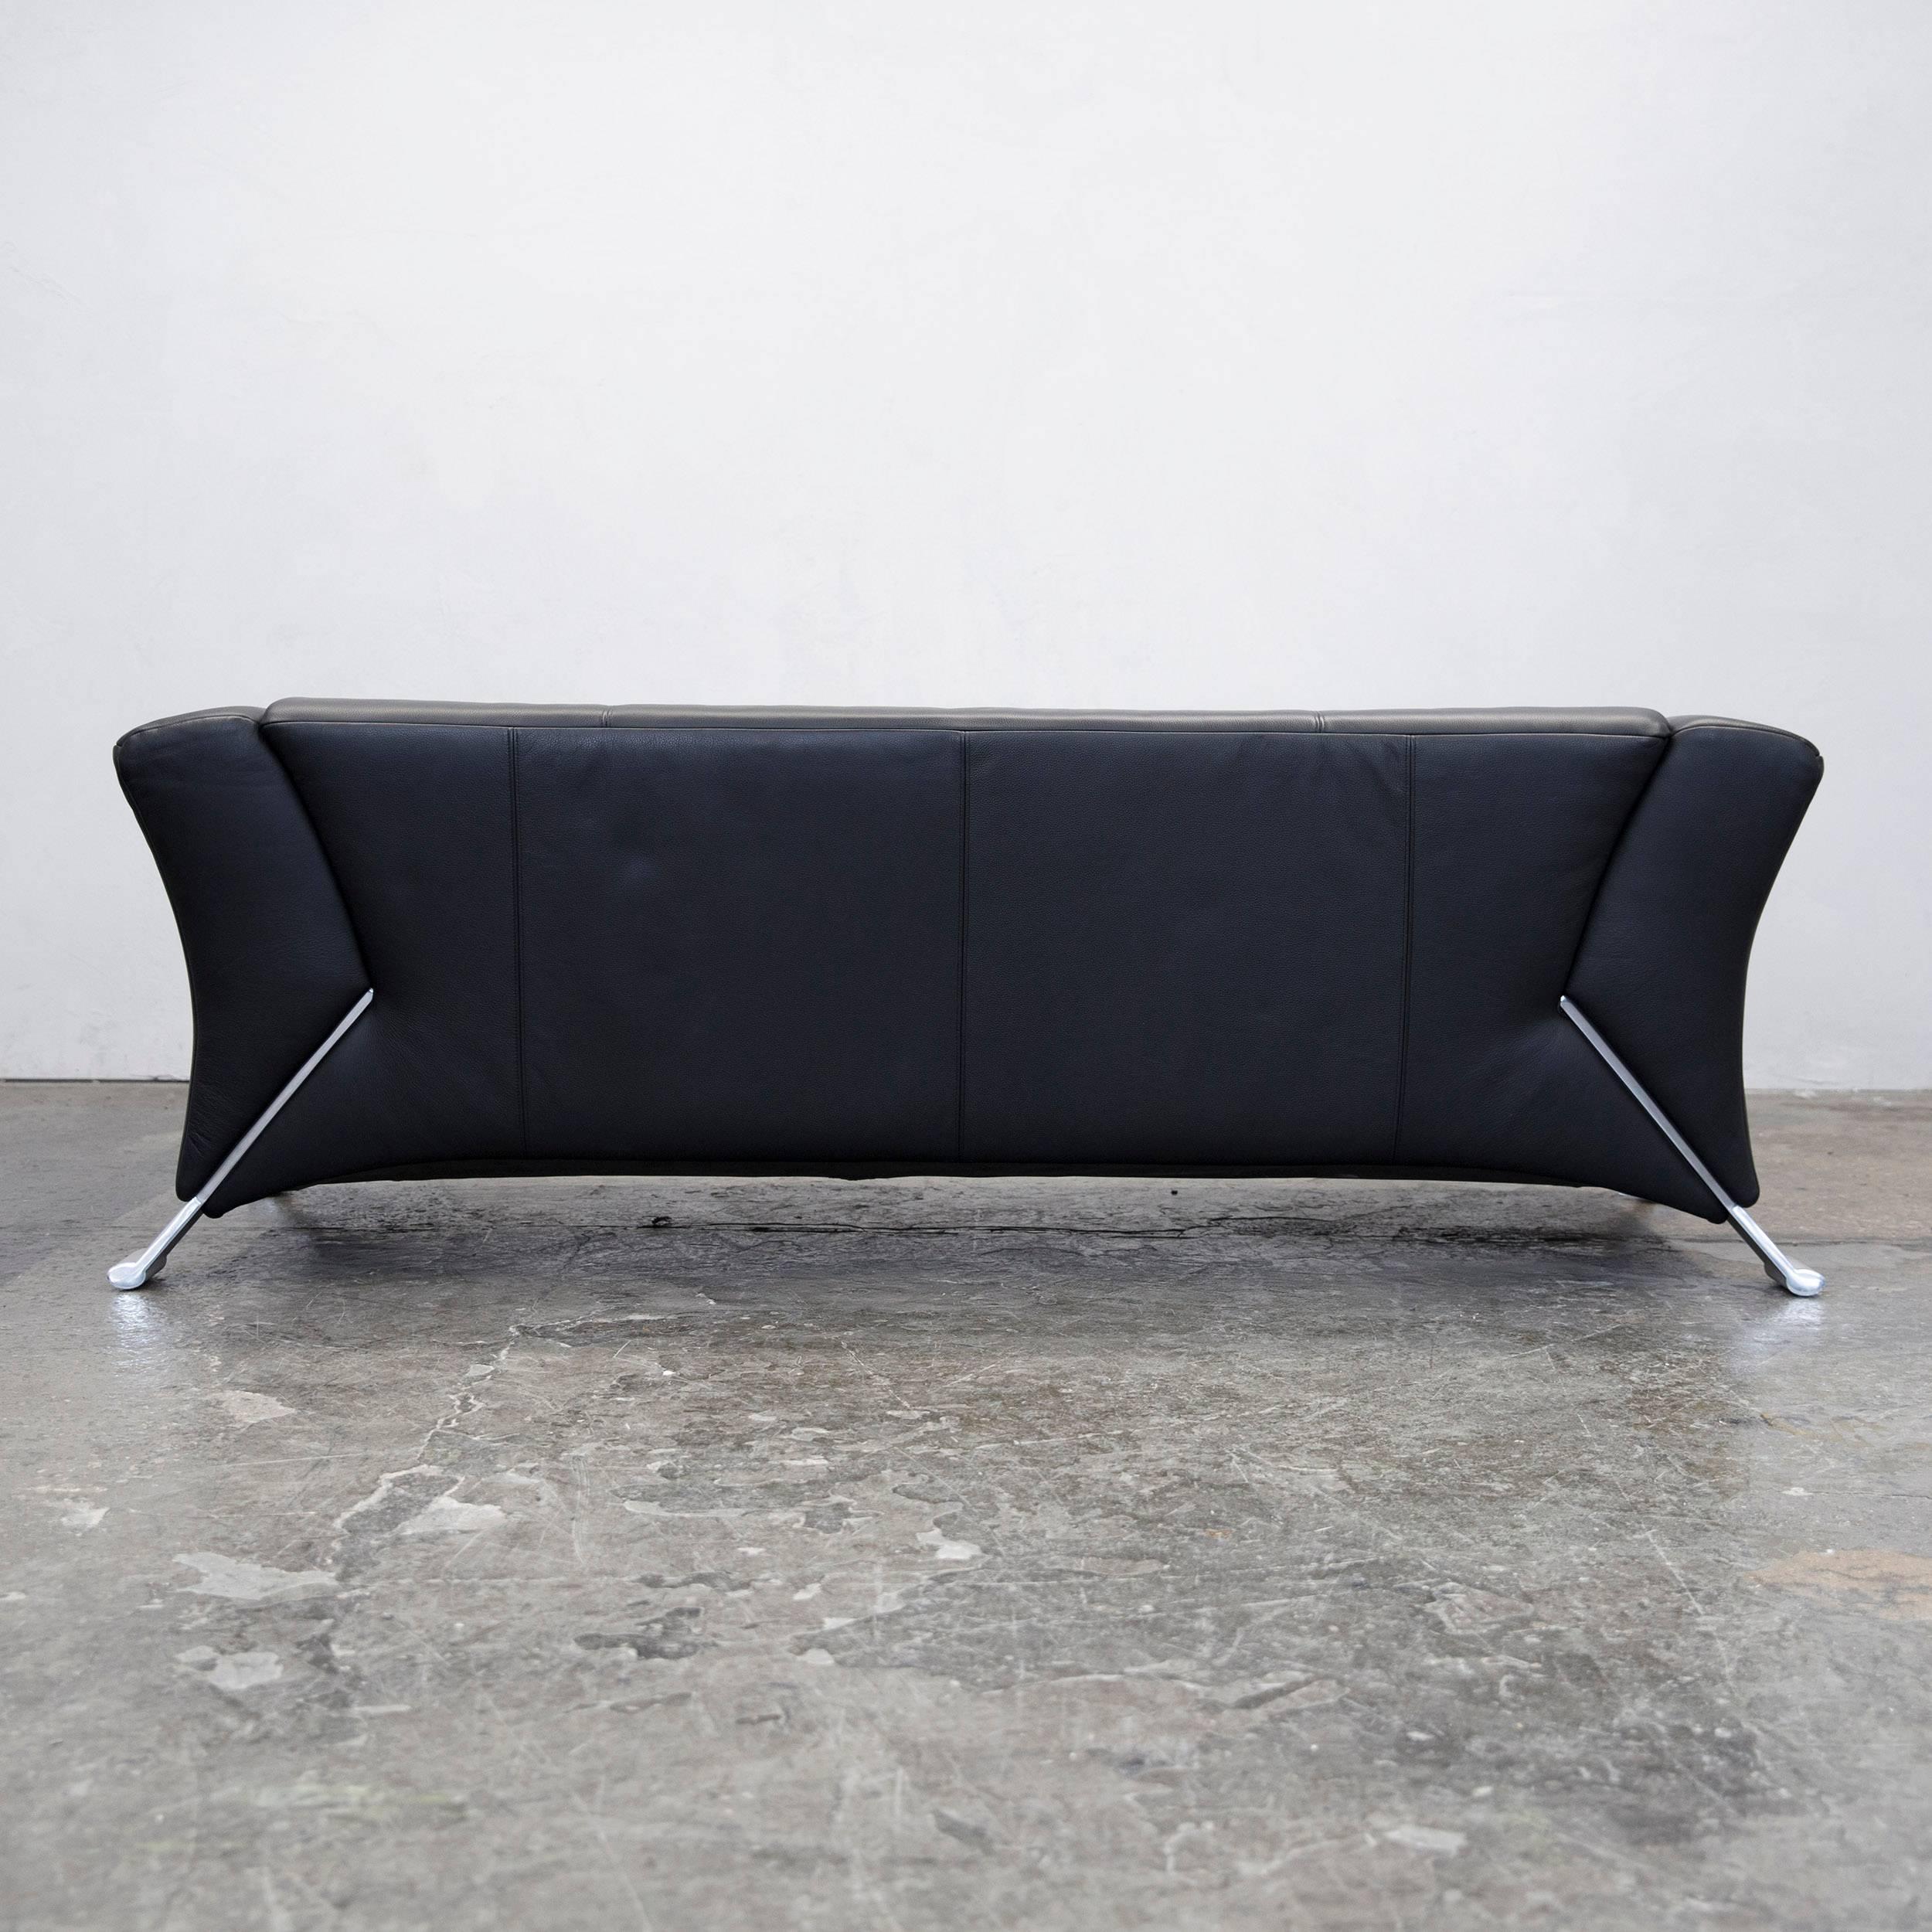 schlafsofa dreisitzer home affaire dreisitzer lex grau landhaus stil bht xxcm with schlafsofa. Black Bedroom Furniture Sets. Home Design Ideas